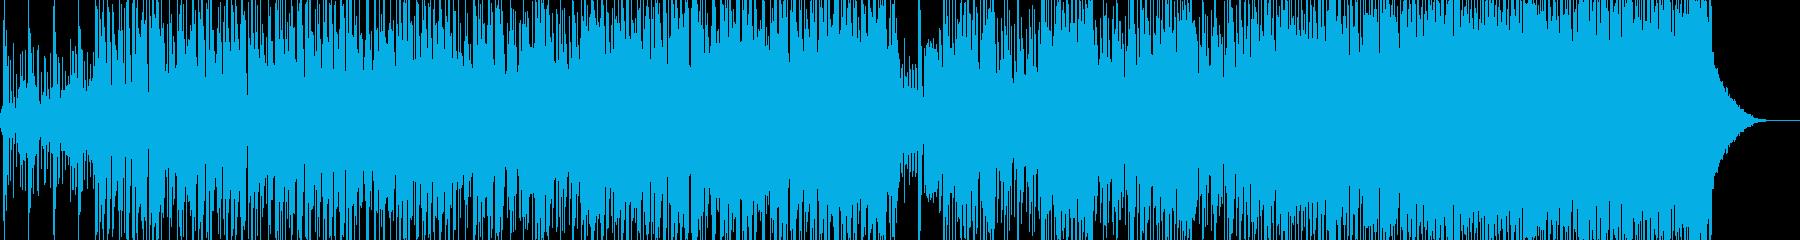 異世界・ミステリアスな… エレキ有B2の再生済みの波形